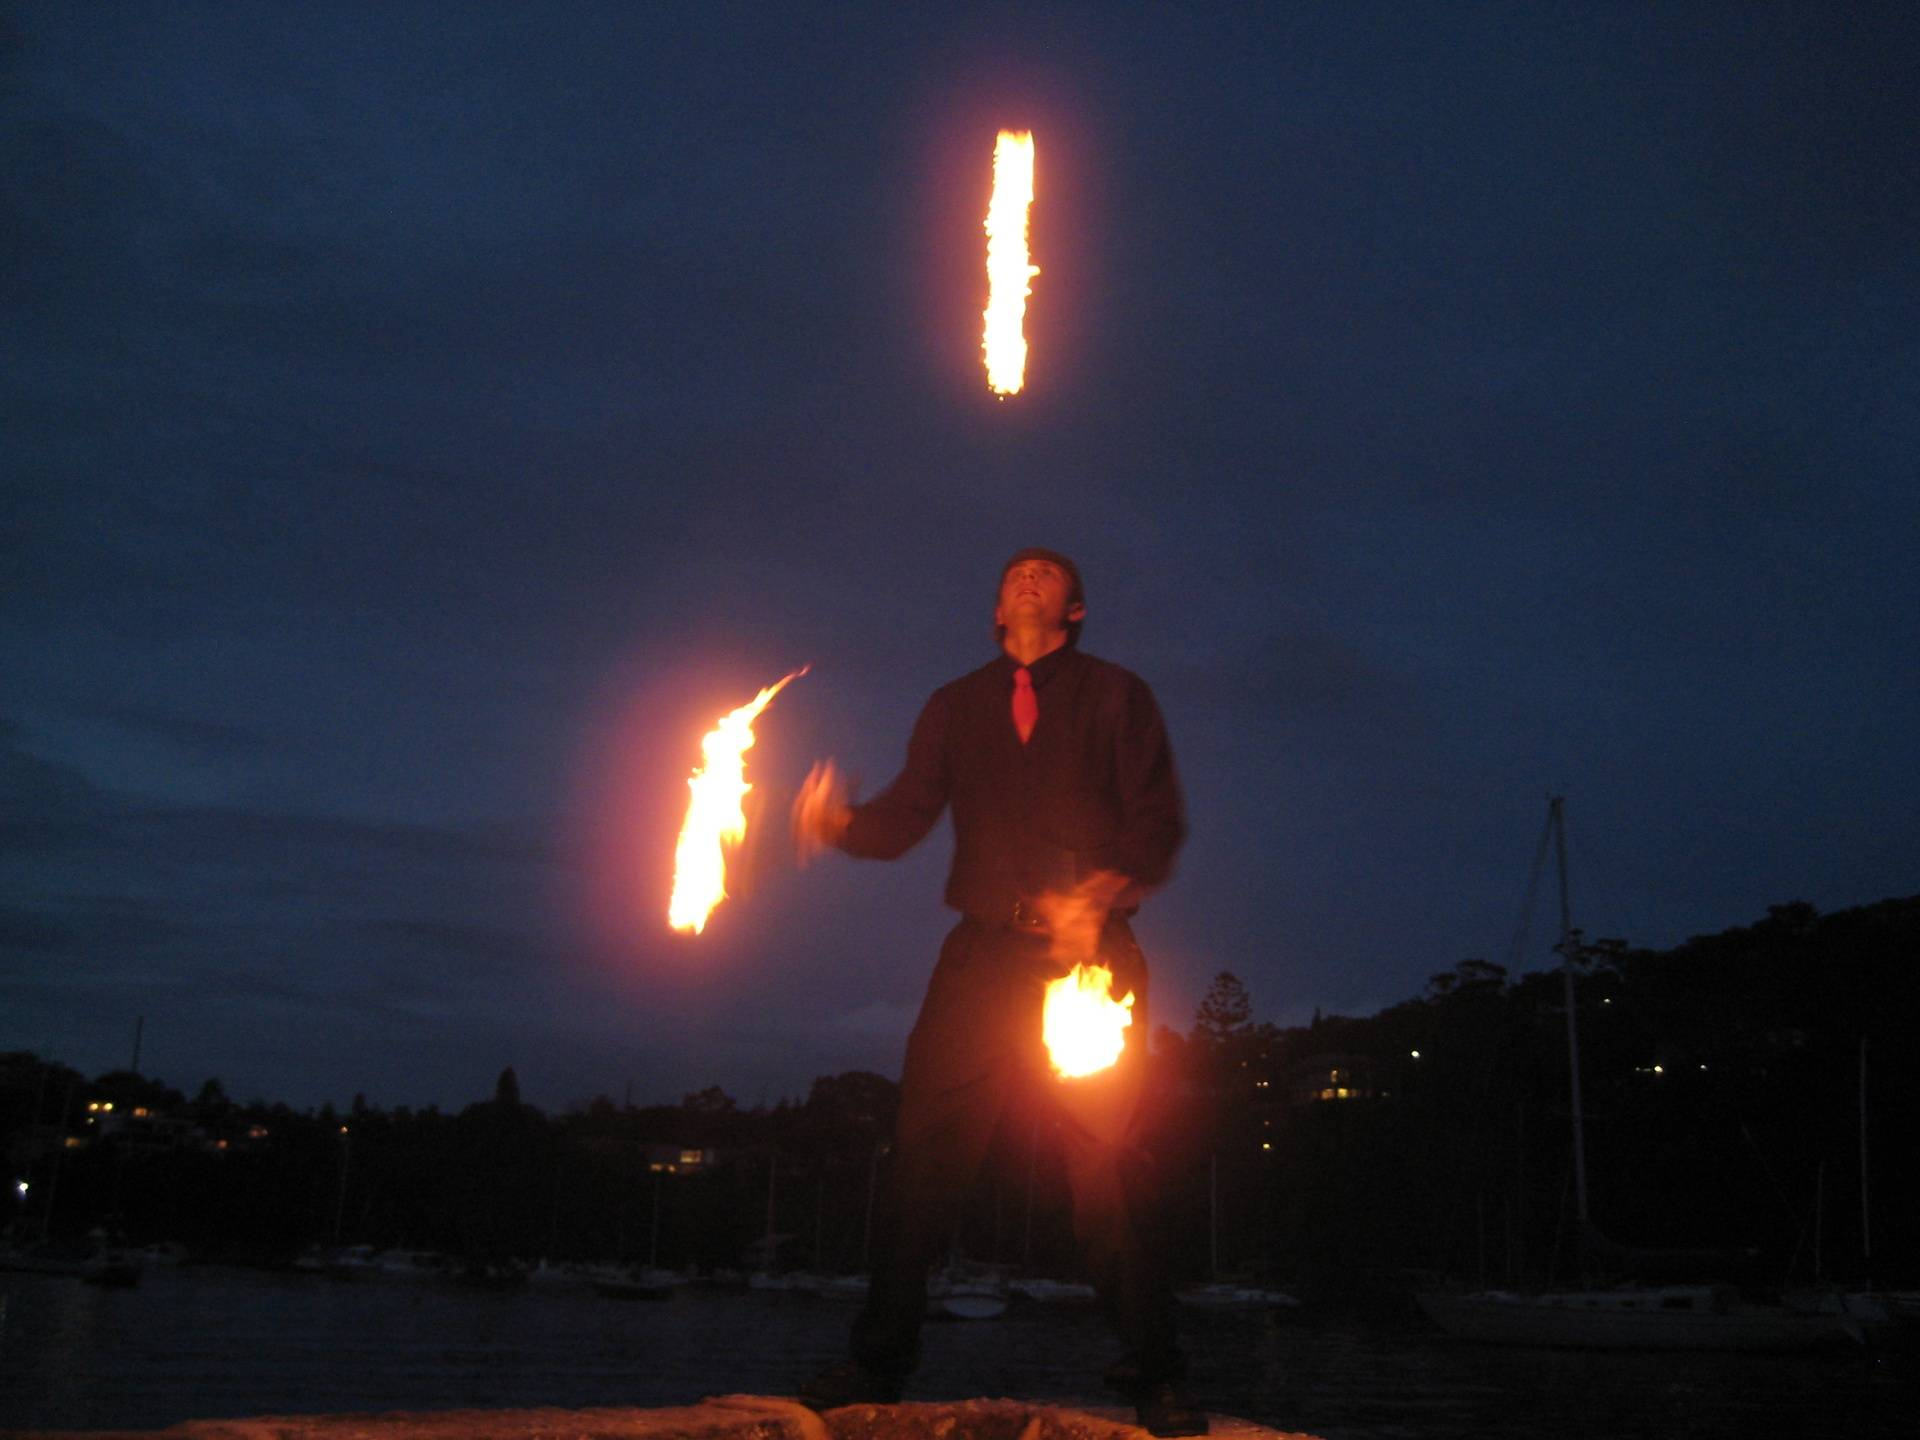 Fire Juggling